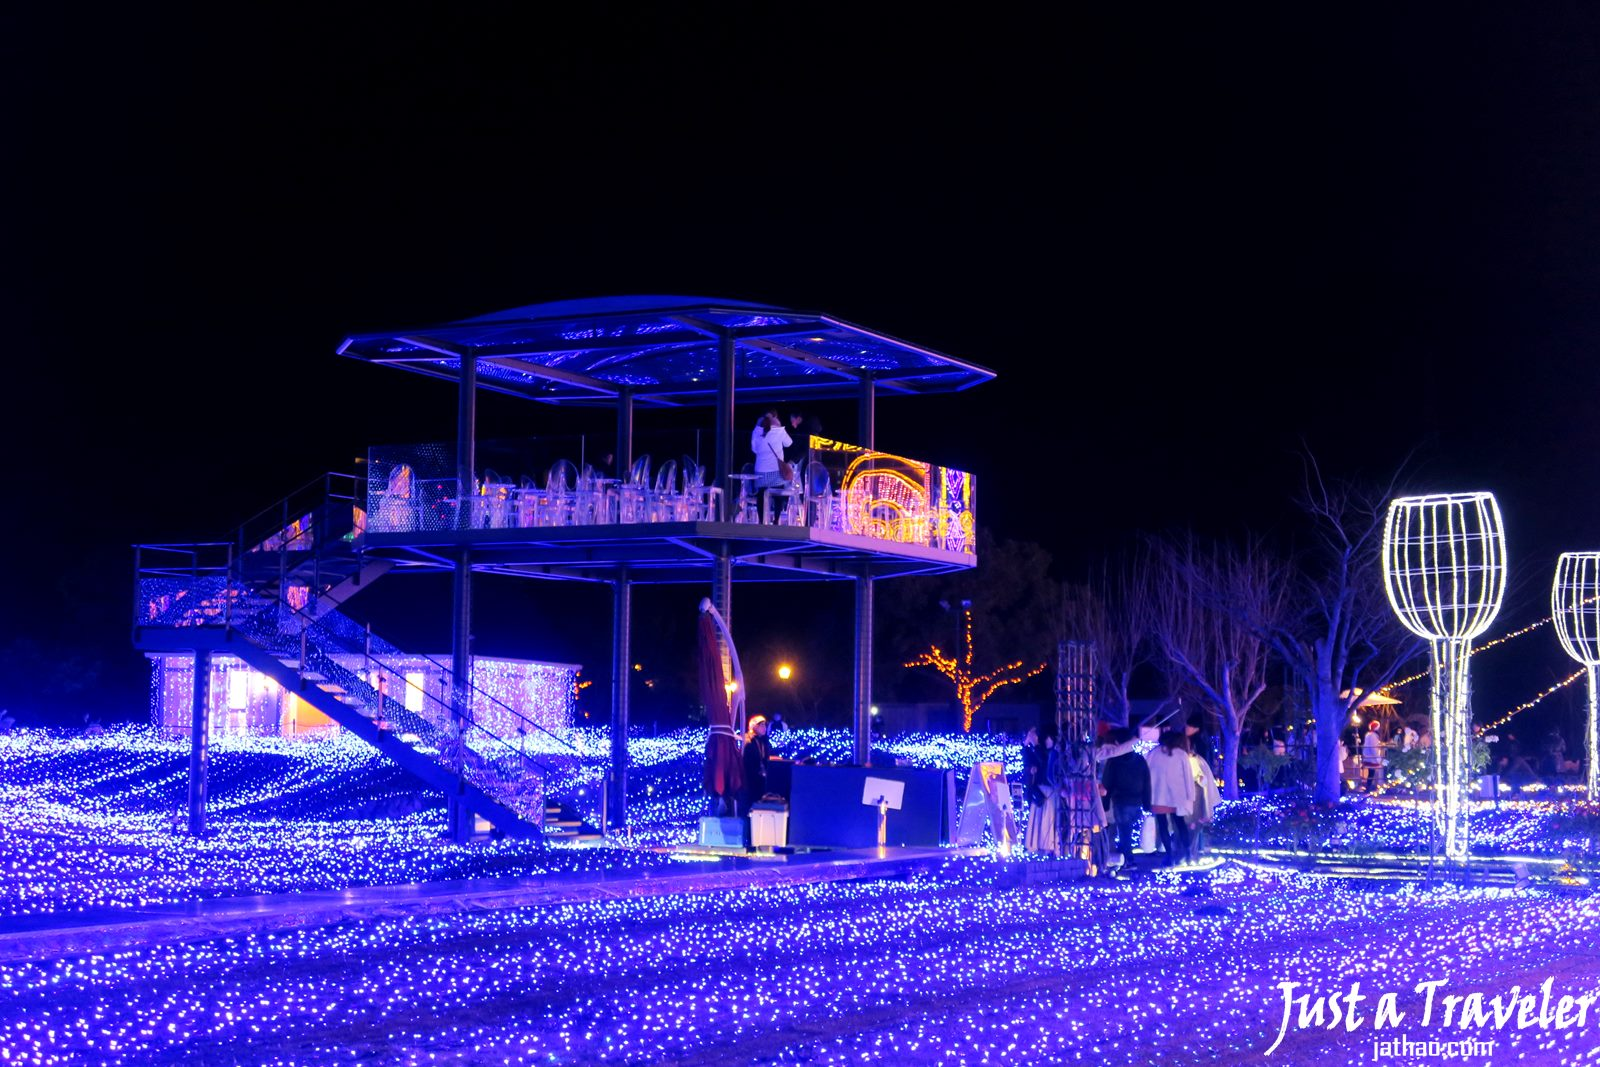 九州-長崎-景點-推薦-豪斯登堡-豪斯登堡夜景-豪斯登堡行程-豪斯登堡攻略-豪斯登堡一日遊-旅遊-自由行-Kyushu-Huis Ten Bosch-Travel-Japan